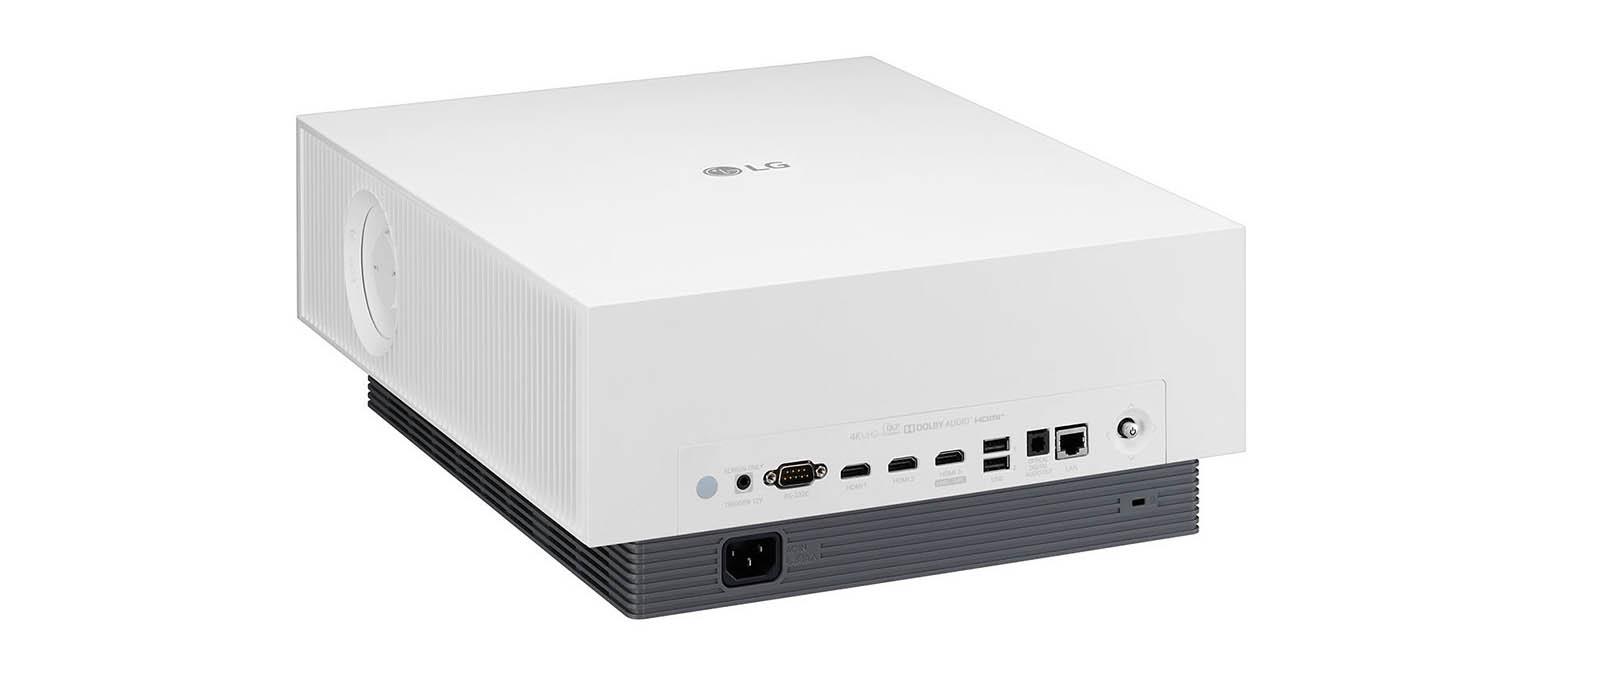 LG 4K projector met AirPlay, achterkant